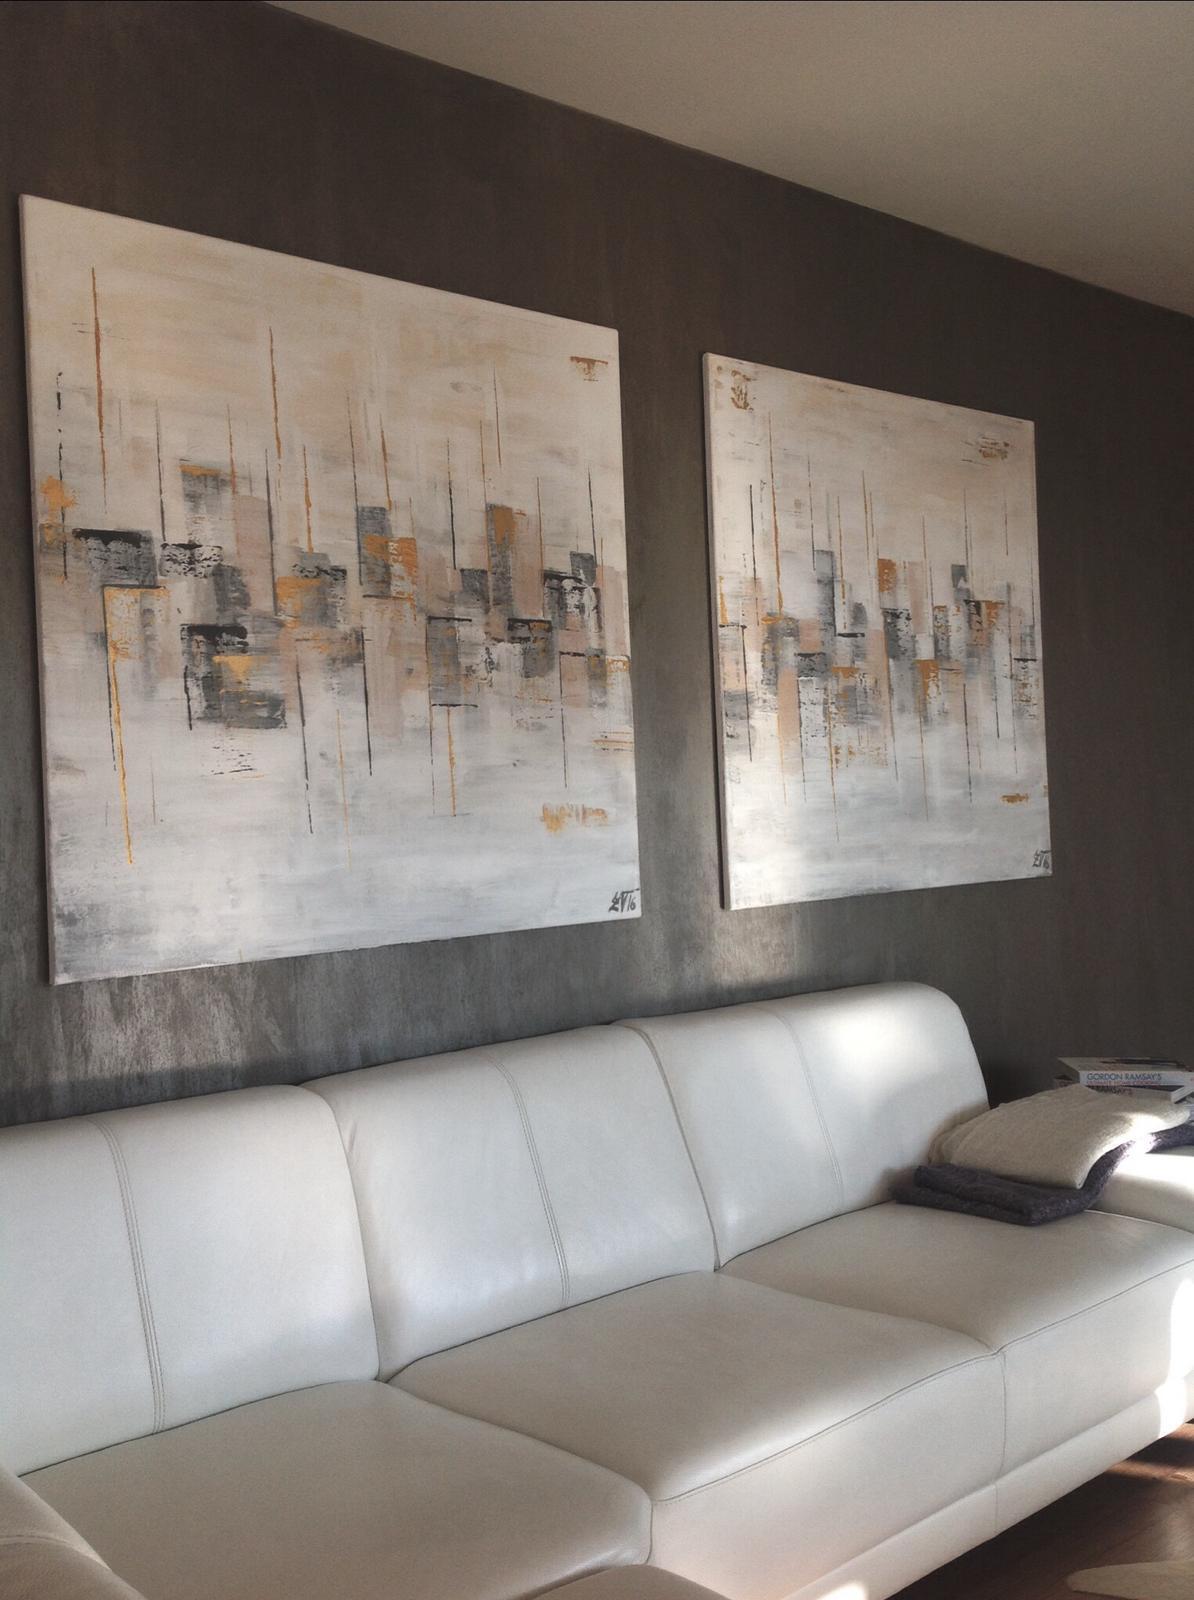 Mé obrazy v interiérech - Obrázek č. 66